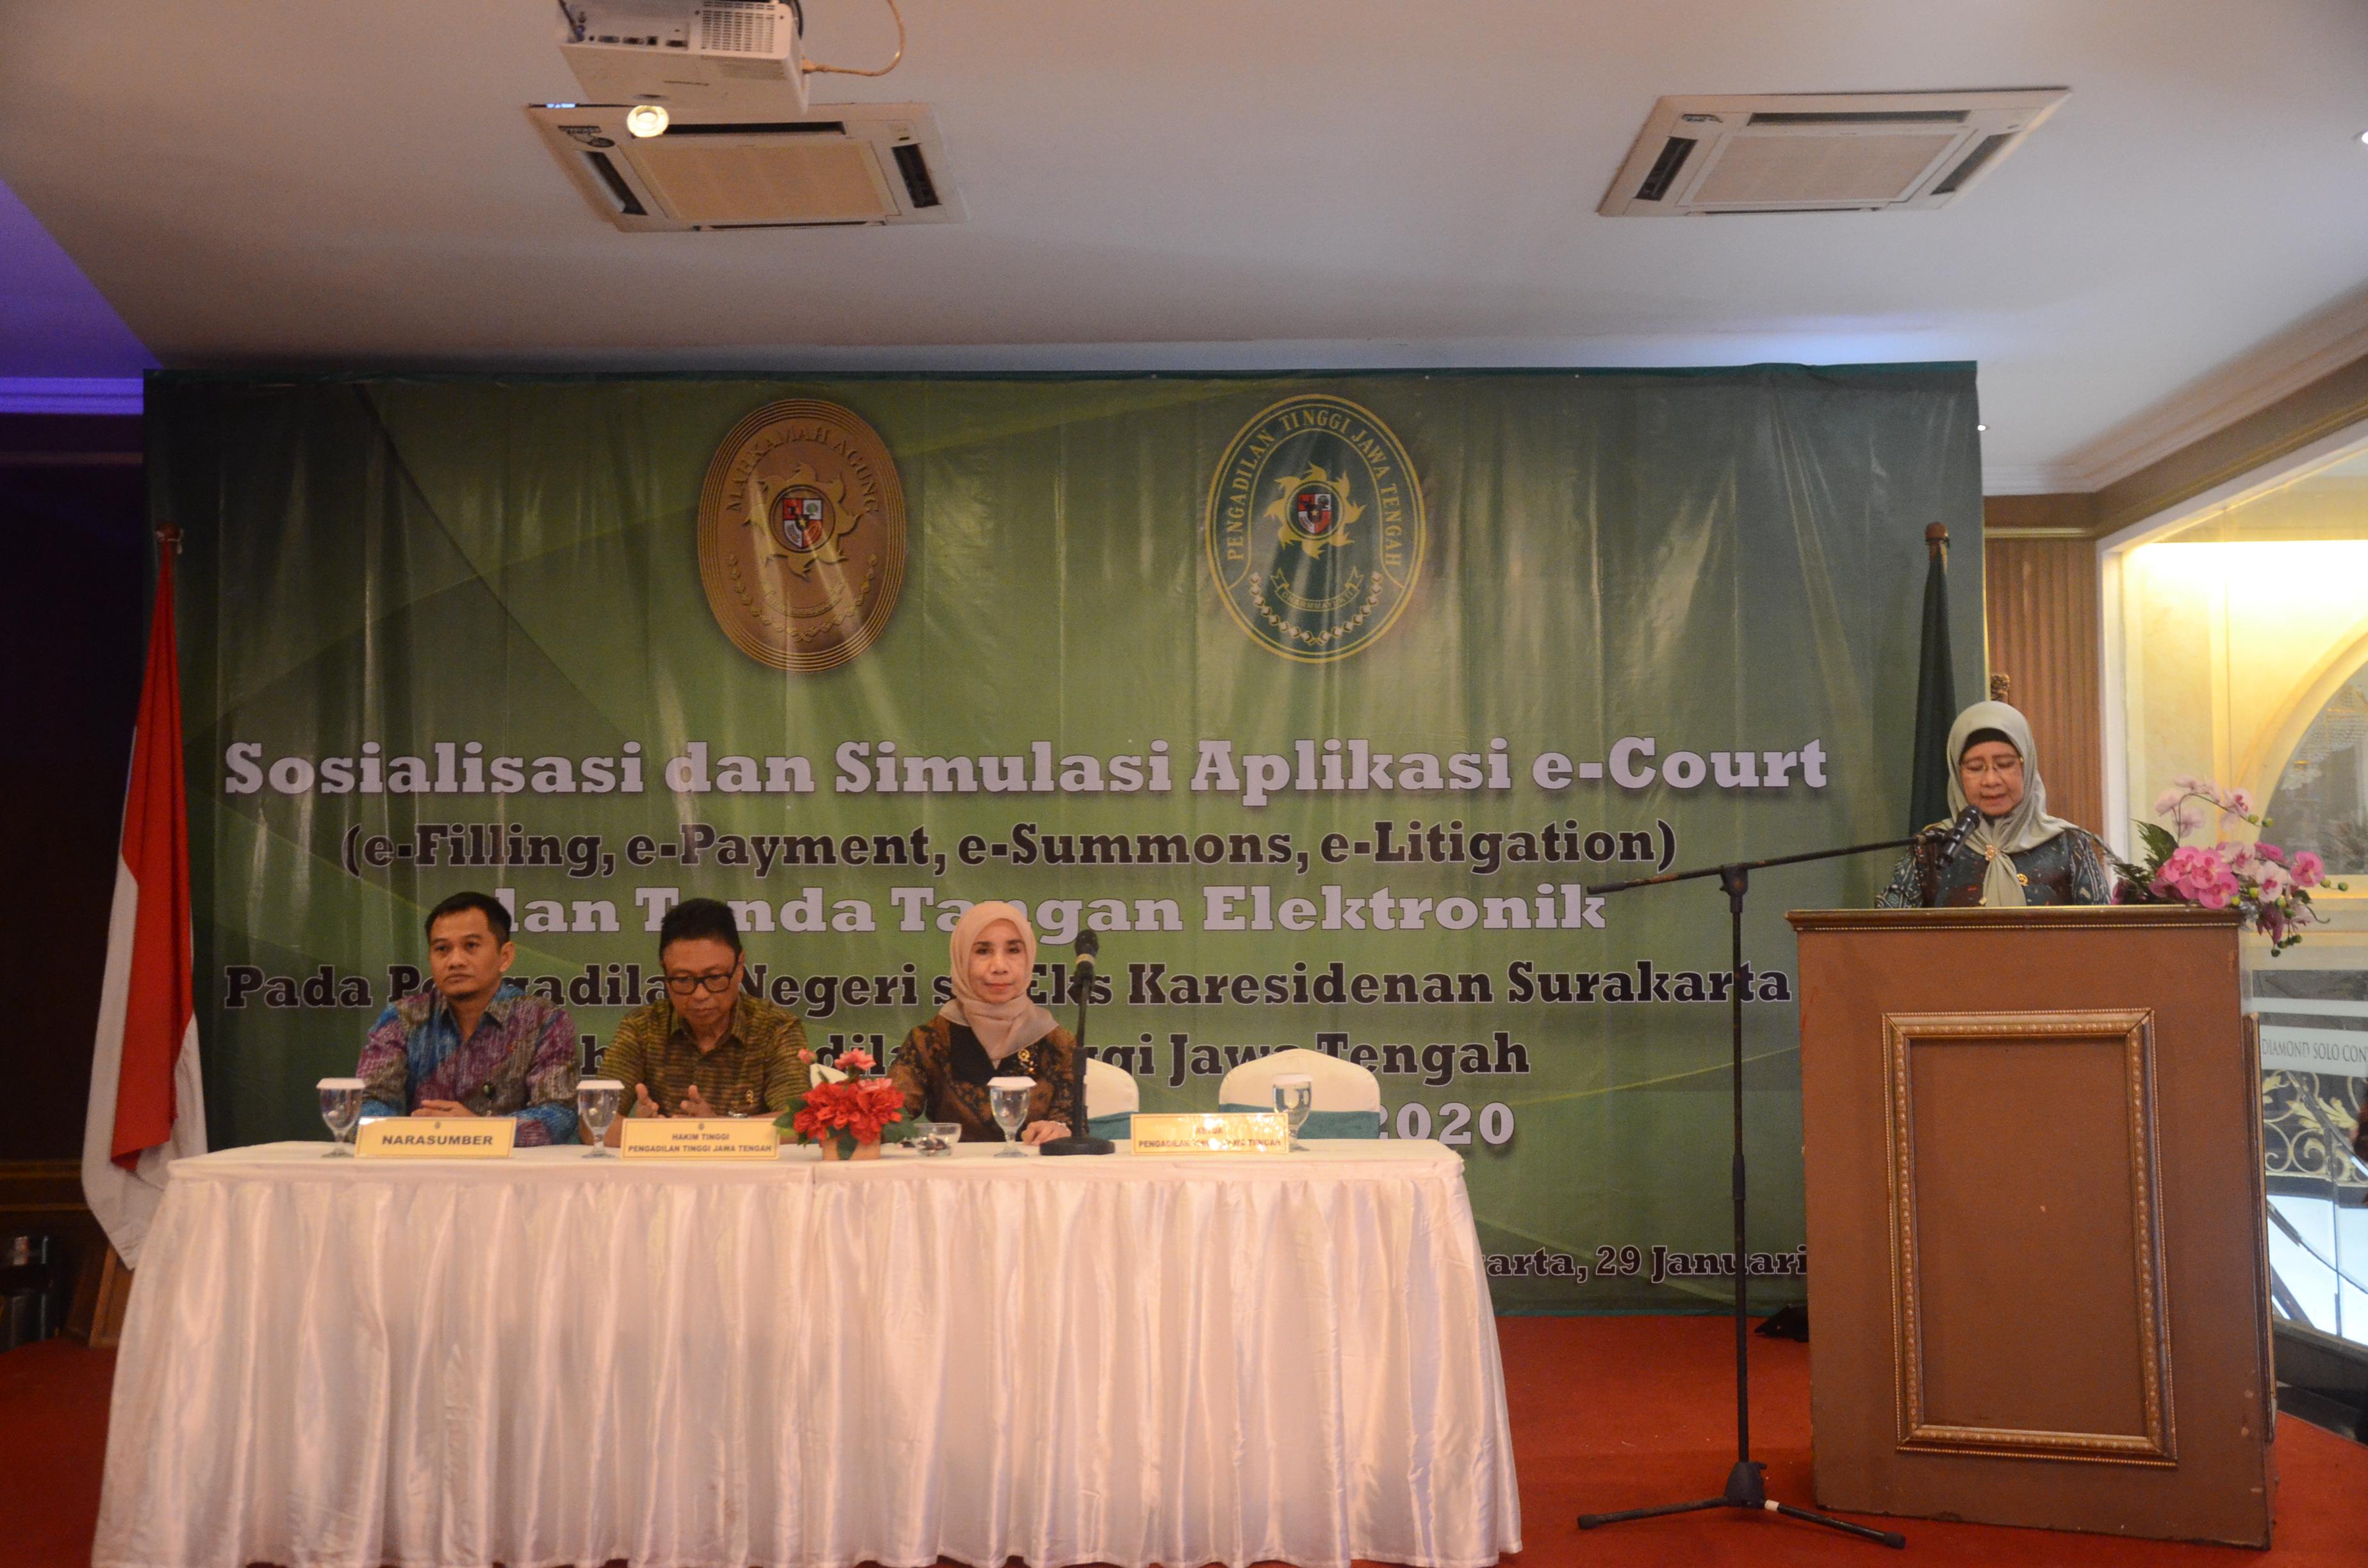 Sosialisasi dan Simulasi Aplikasi e-Court (e-Filling, e-Payment, e-Summons, e-Litigation) dan Tandatangan Elektronik Pada Pengadilan Negeri Se-Eks Karesidenan Surakarta